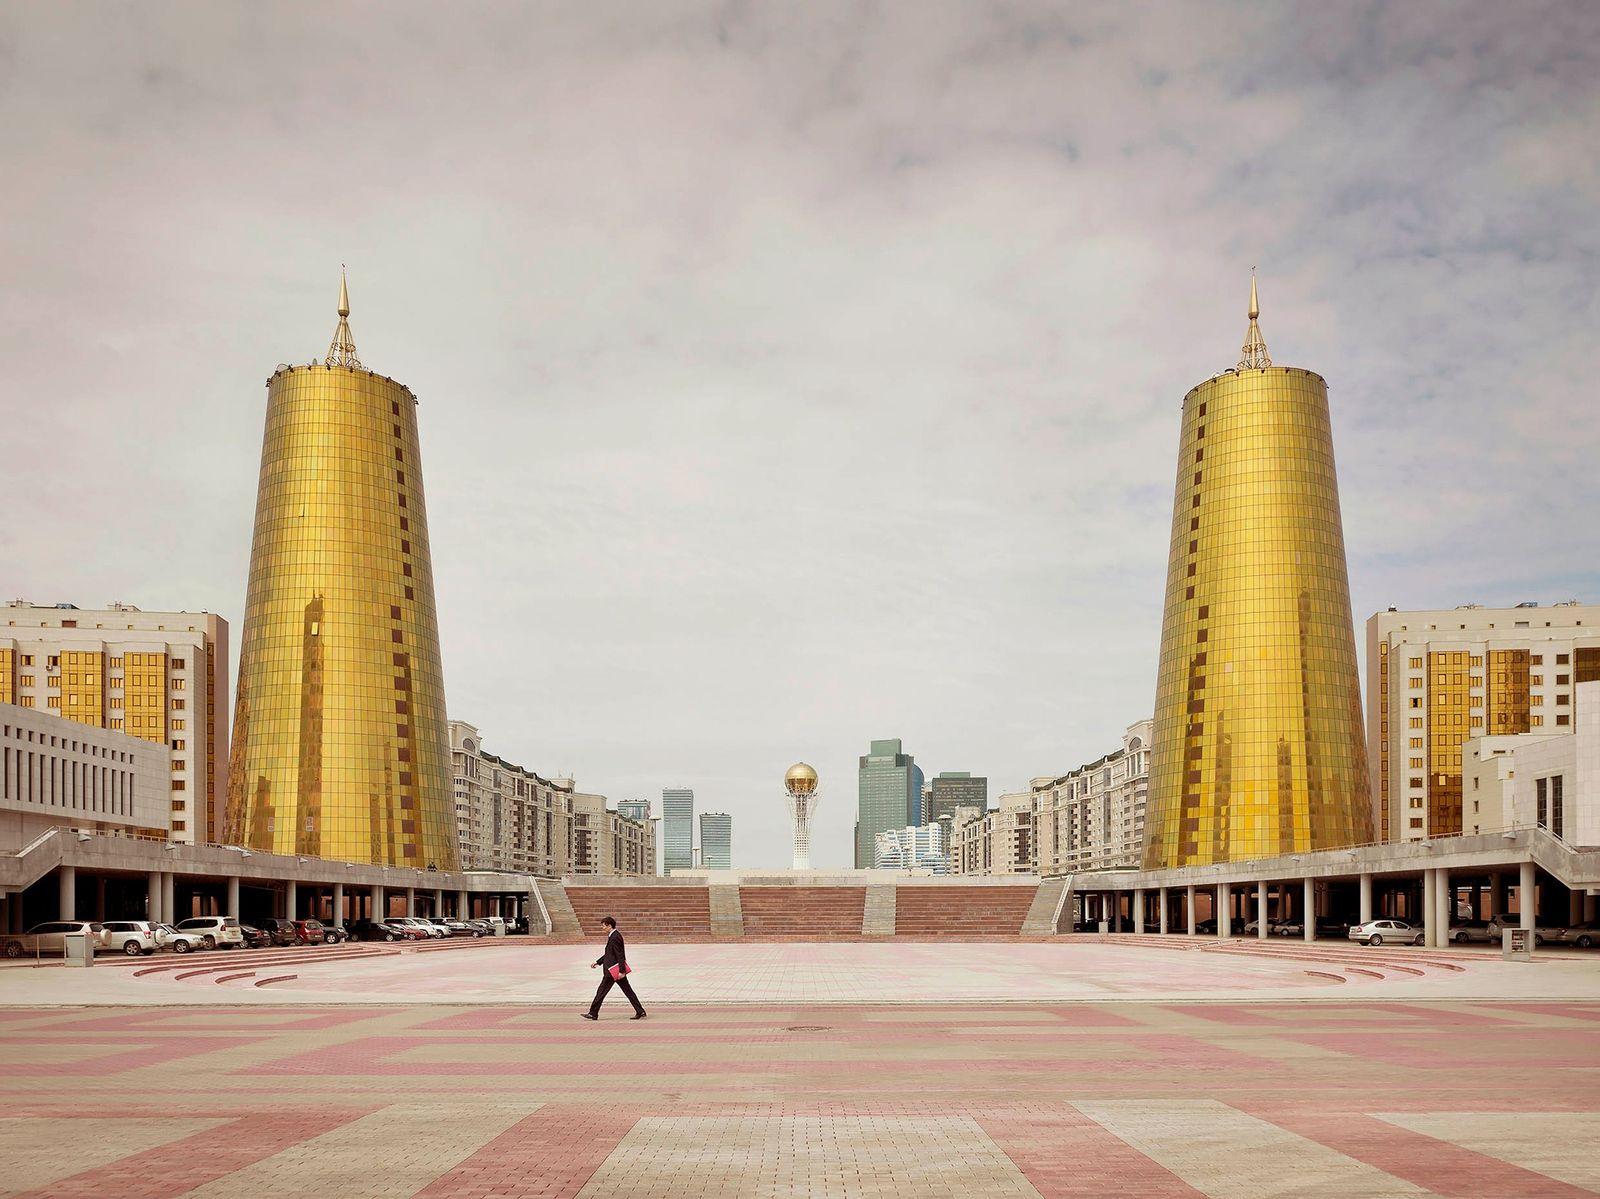 Imagens Surreais da Arquitetura Pós-Soviética